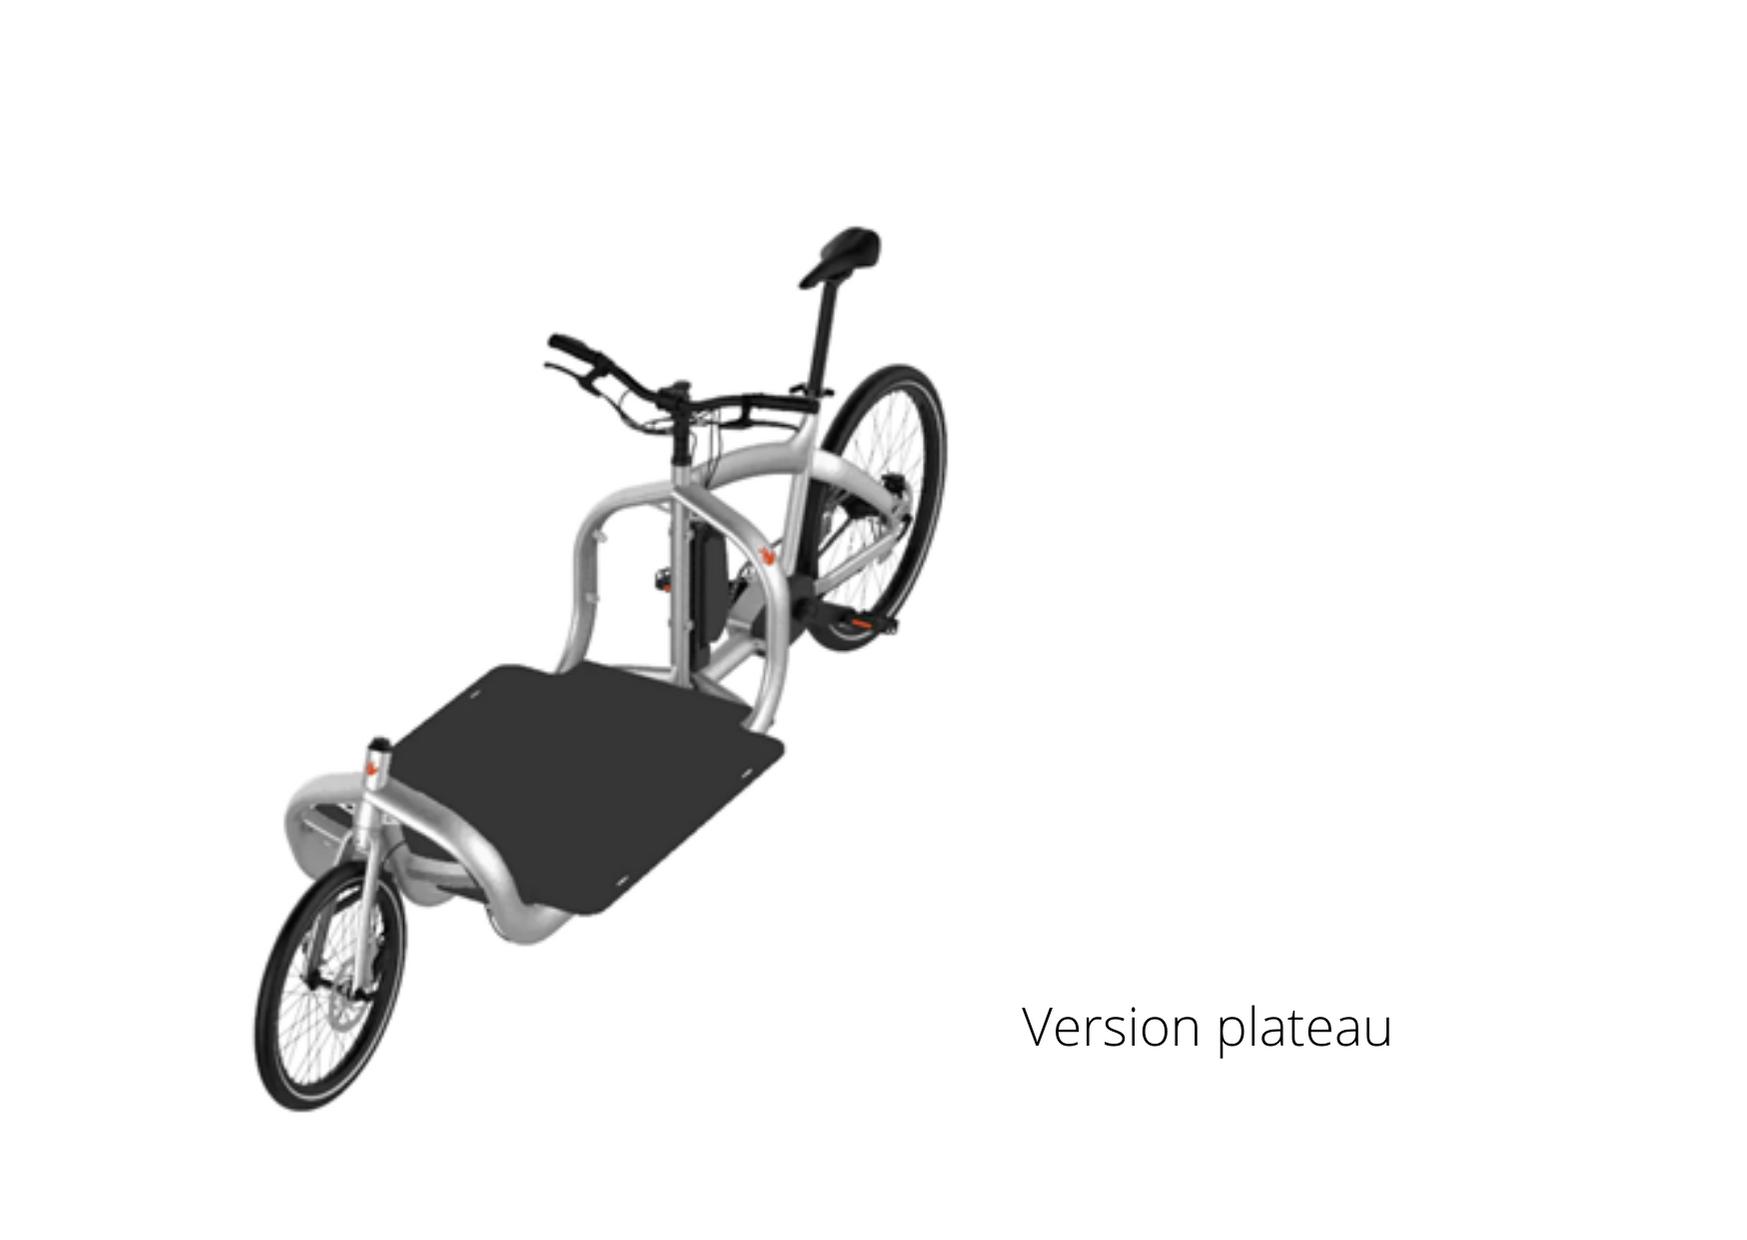 vélo logistique Triobike version plateau